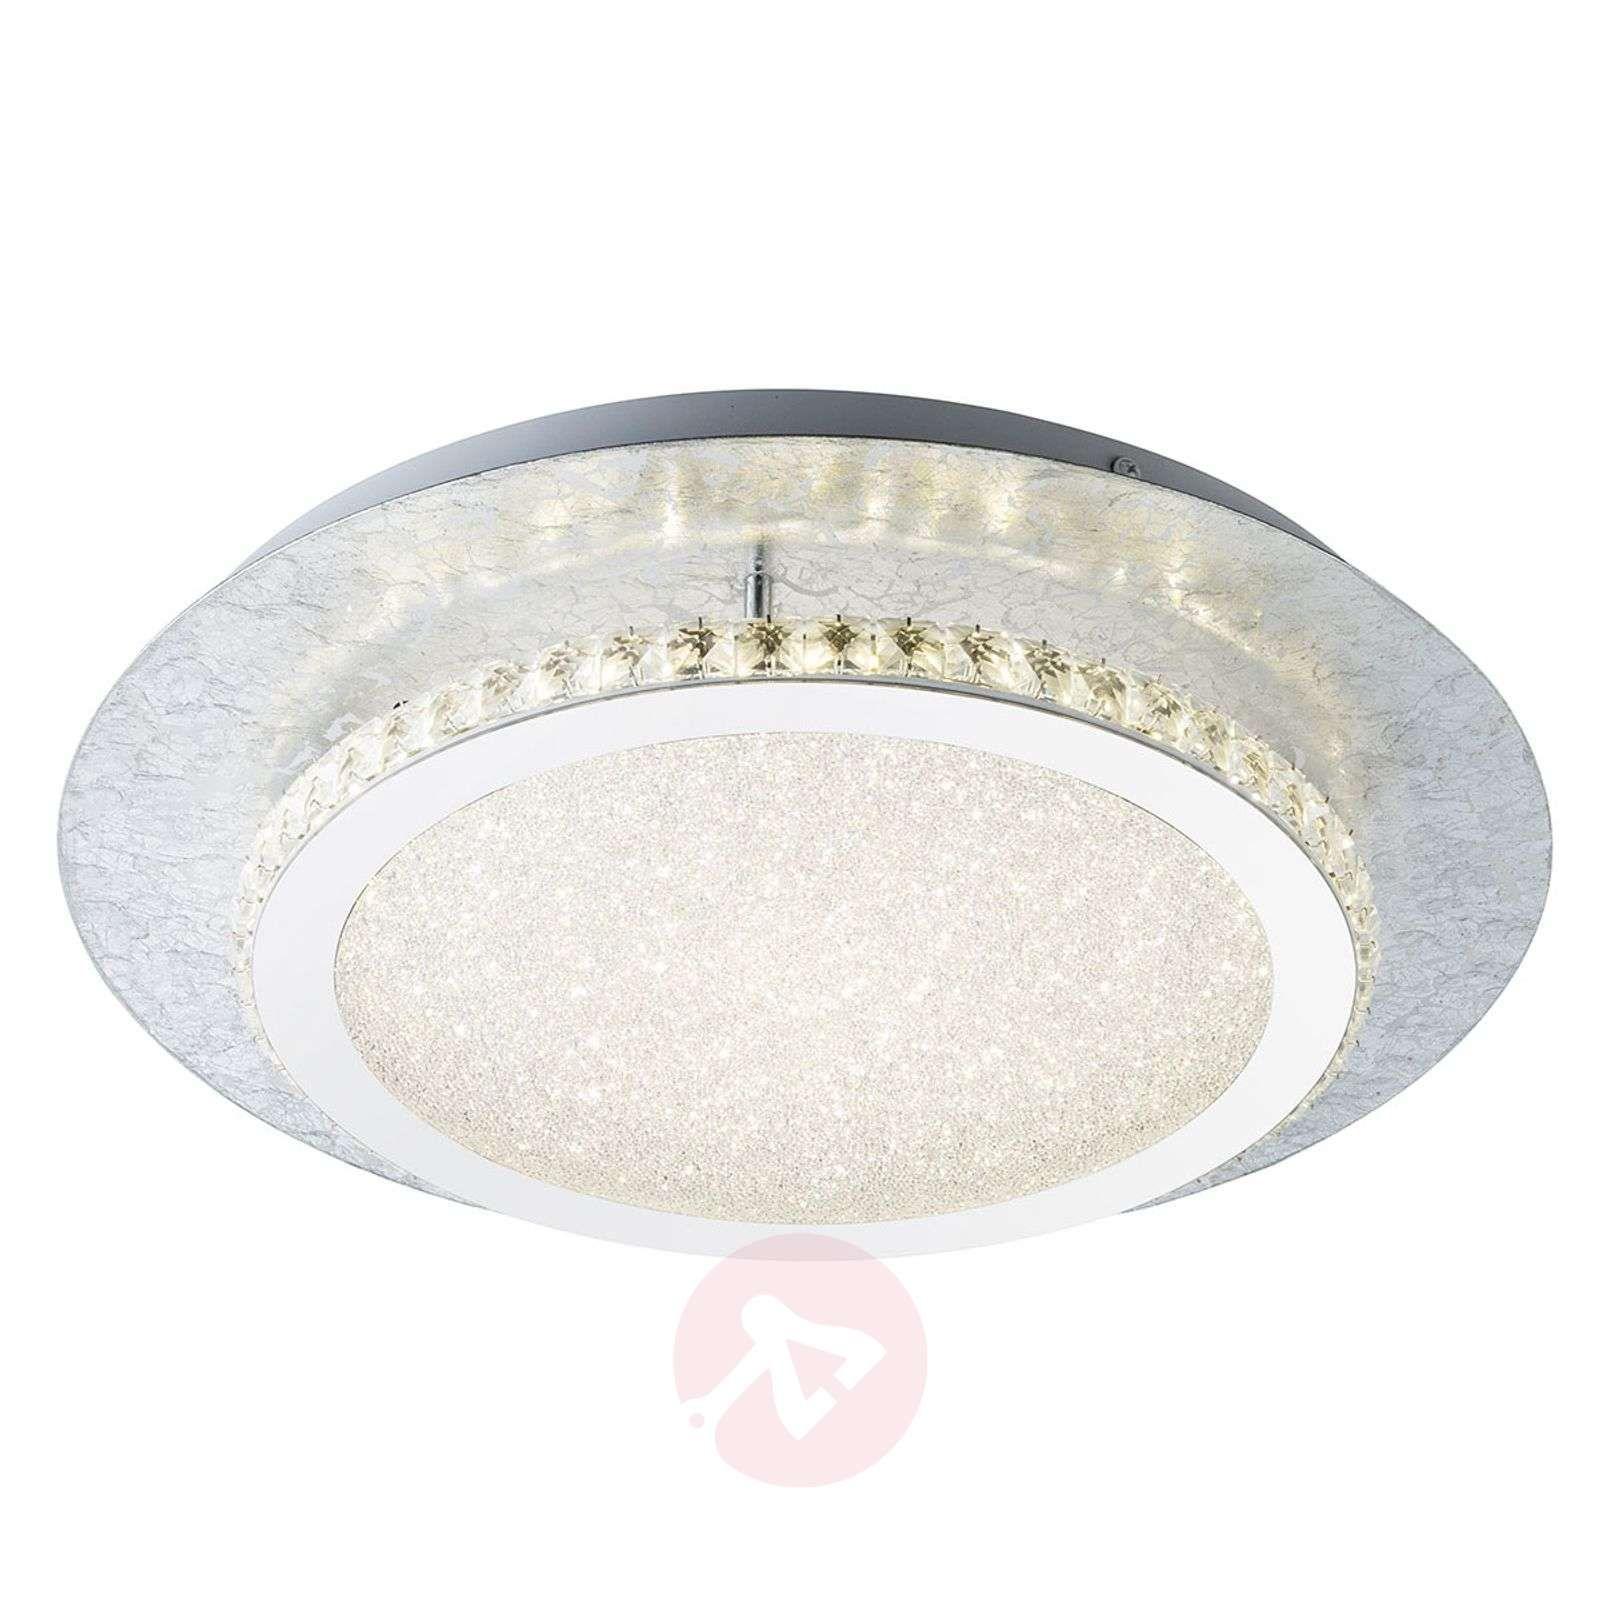 sklep lampy | oświetlenia zewnętrzne domów led | lampa